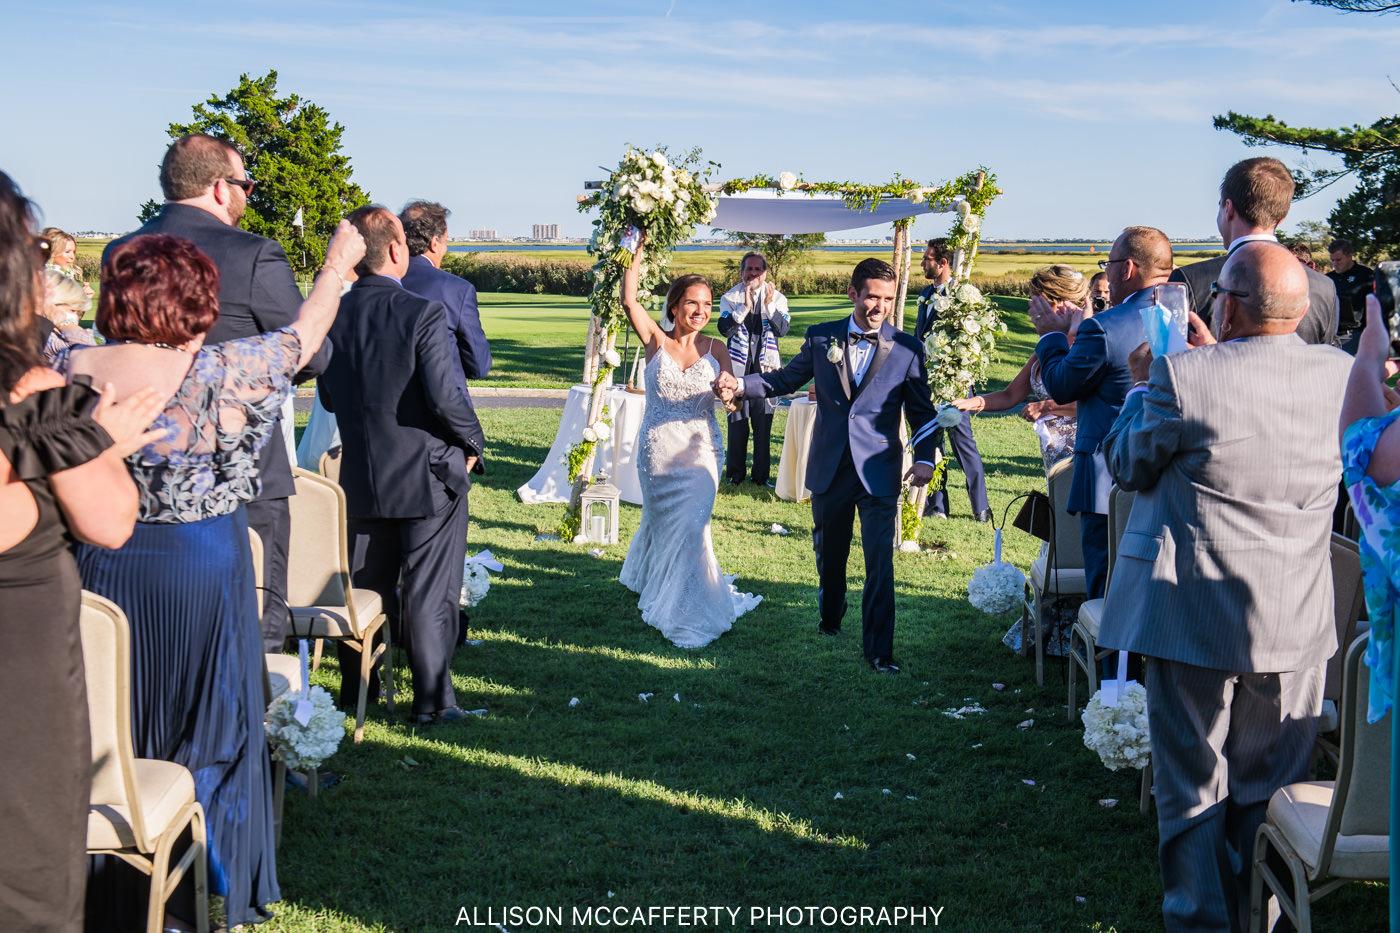 Jersey Shore Outdoor Wedding Venue